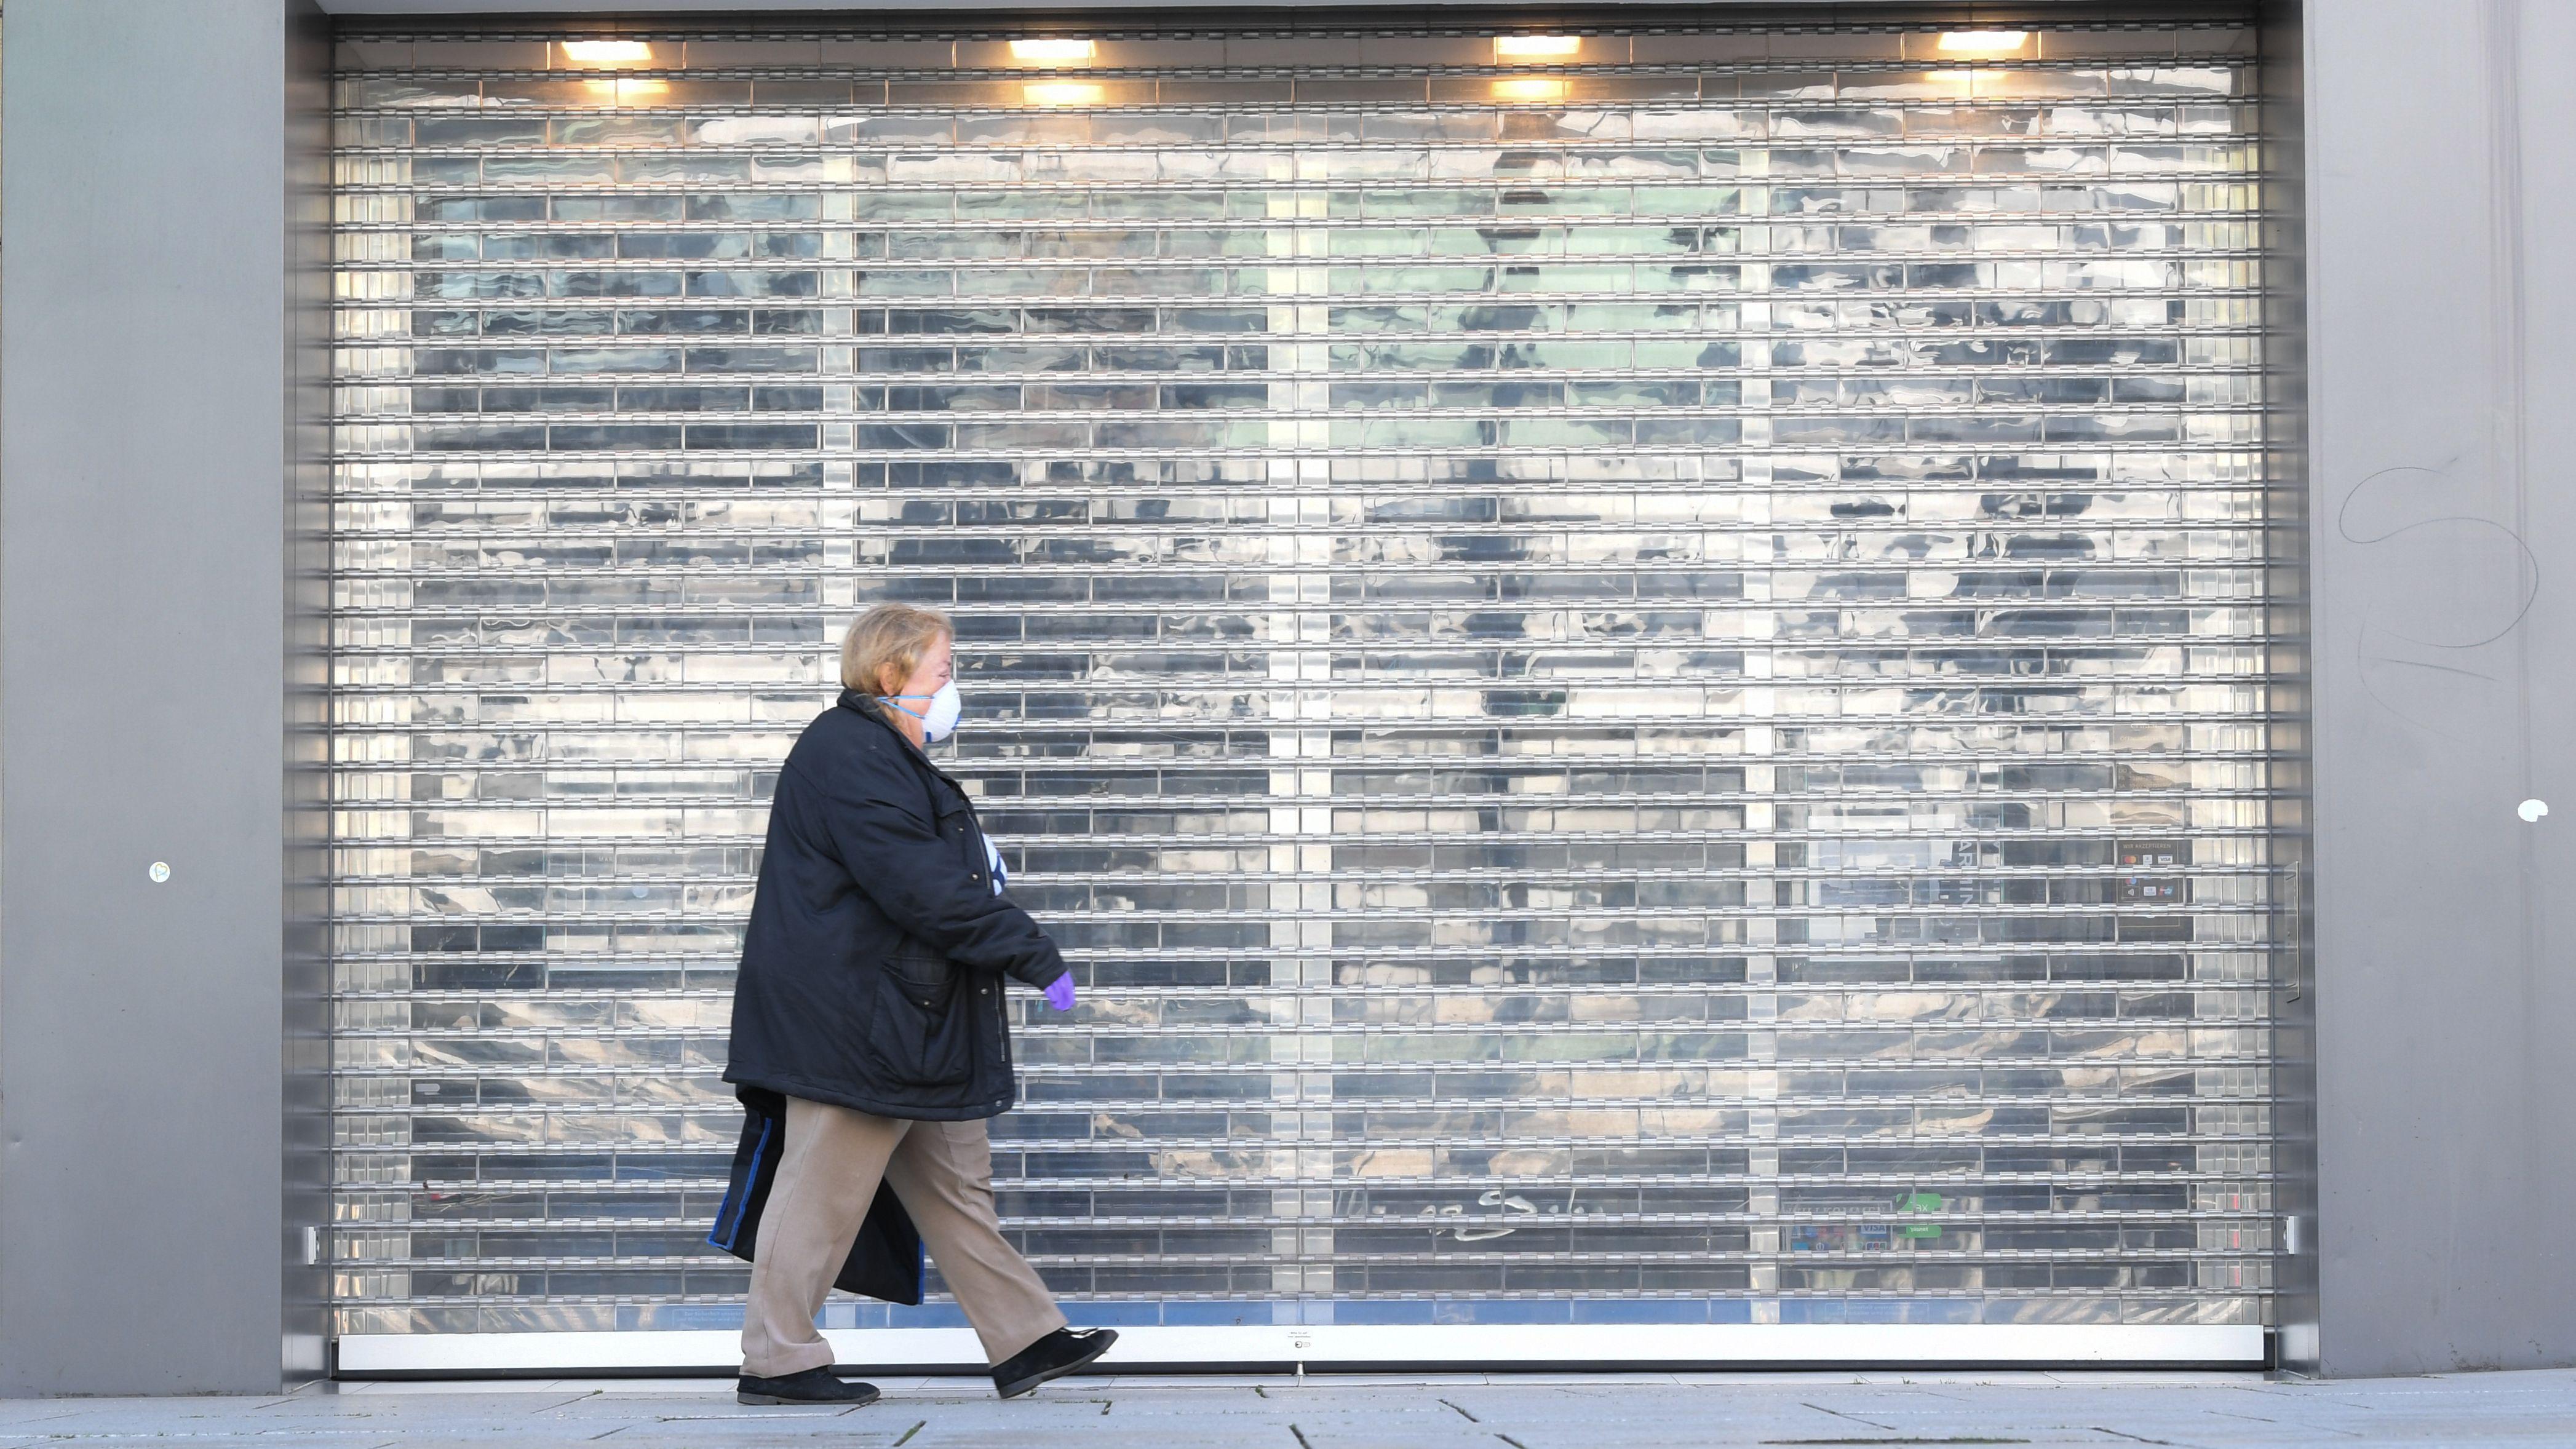 Eine Frau mit Schutzmaske geht auf der Frankfurter Einkaufsmeile Zeil an einem Juweliergeschäft vorbei, an dem das Rollgitter heruntergelassen ist. Wegen der Ausbreitung des Coronavirus bleiben jetzt auch Kneipen, Kinos, Bordelle, Theater, Museen, Diskotheken und viele Läden geschlossen.